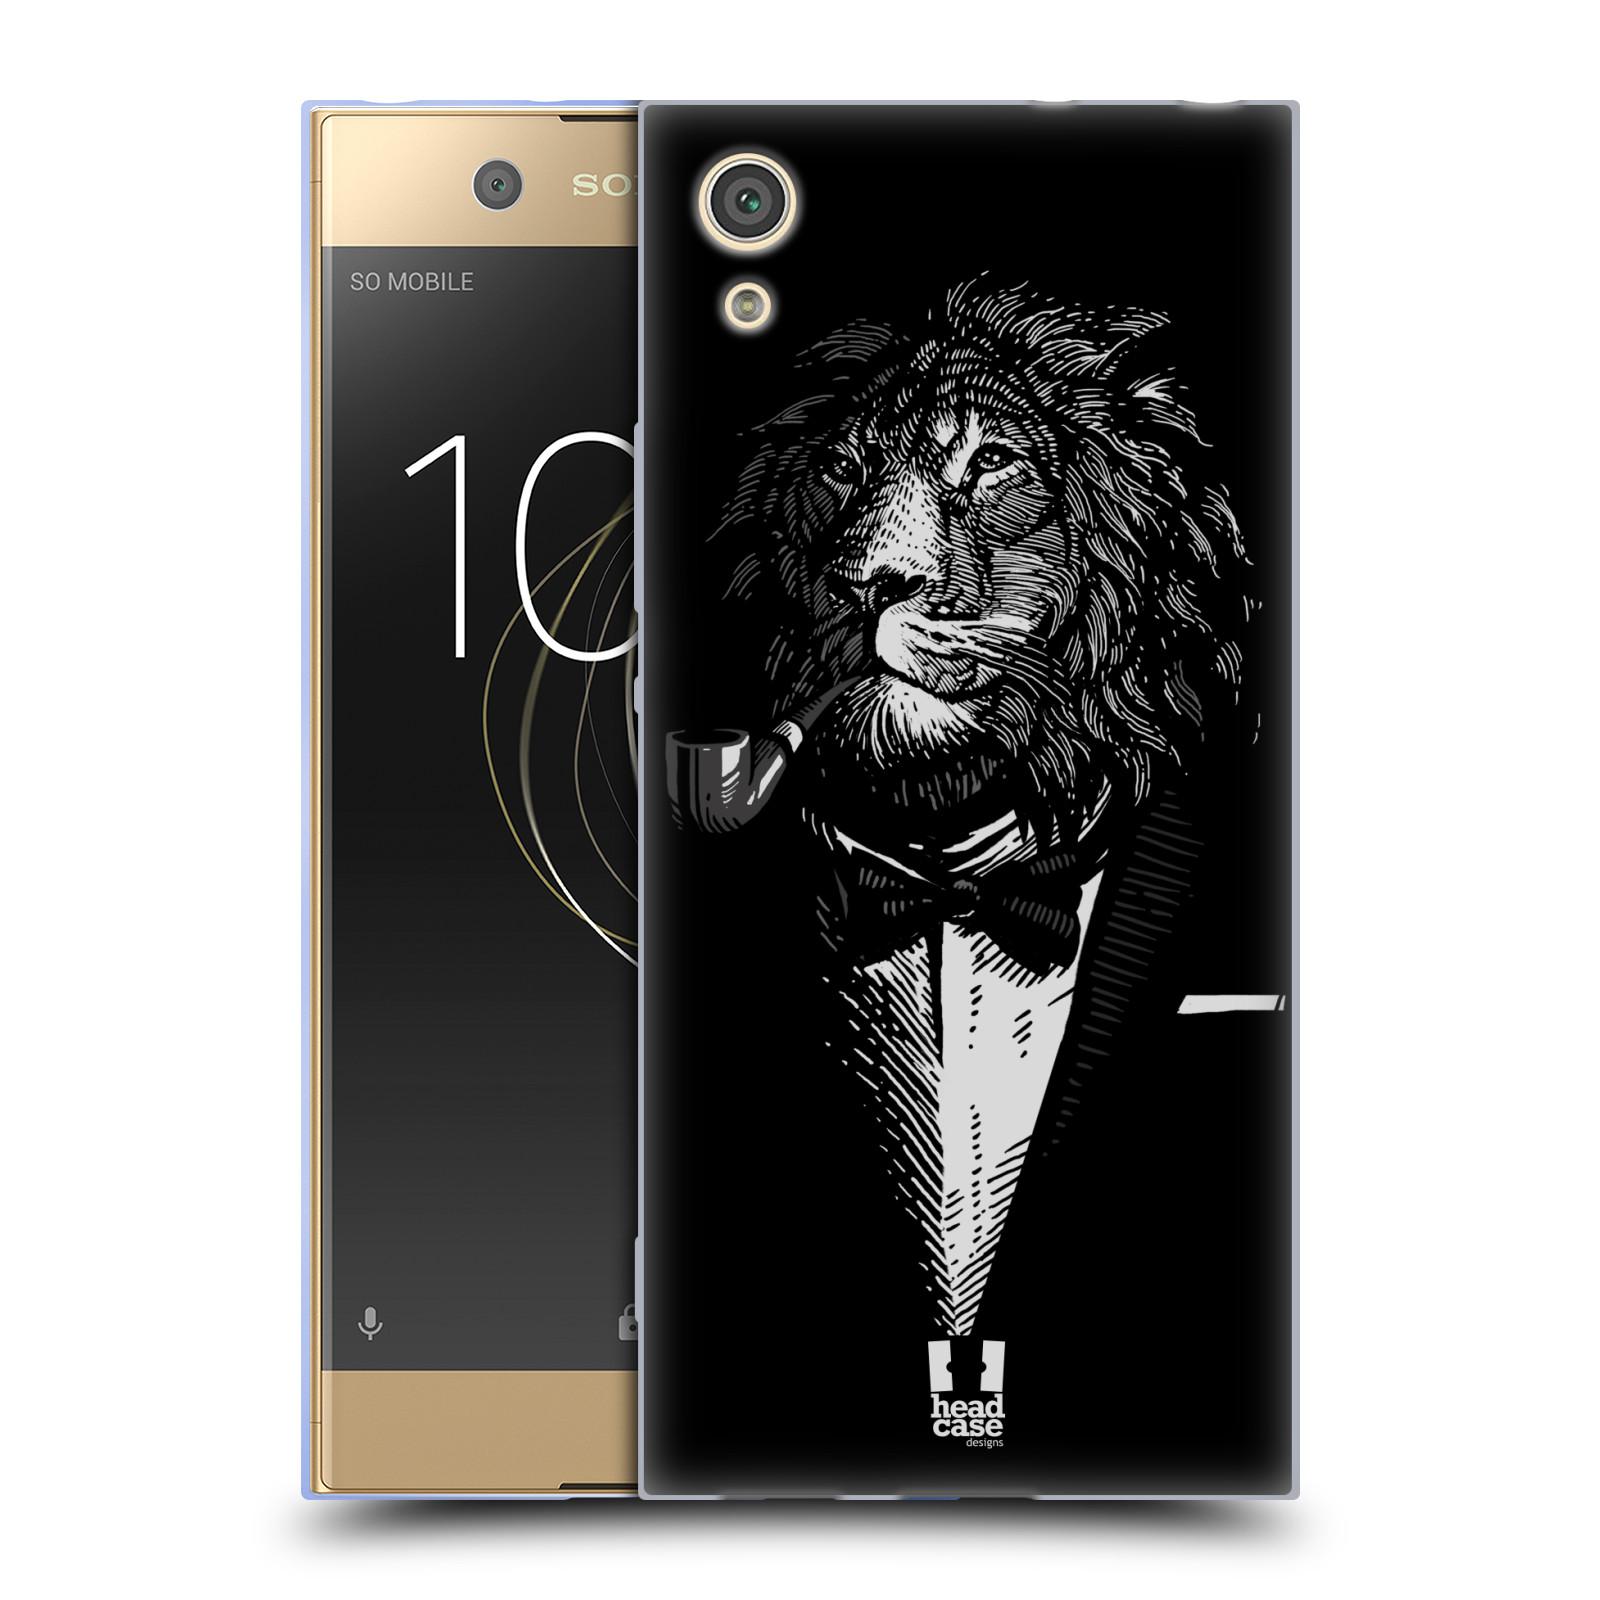 HEAD CASE silikonový obal na mobil Sony Xperia XA1 / XA1 DUAL SIM vzor Zvíře v obleku lev